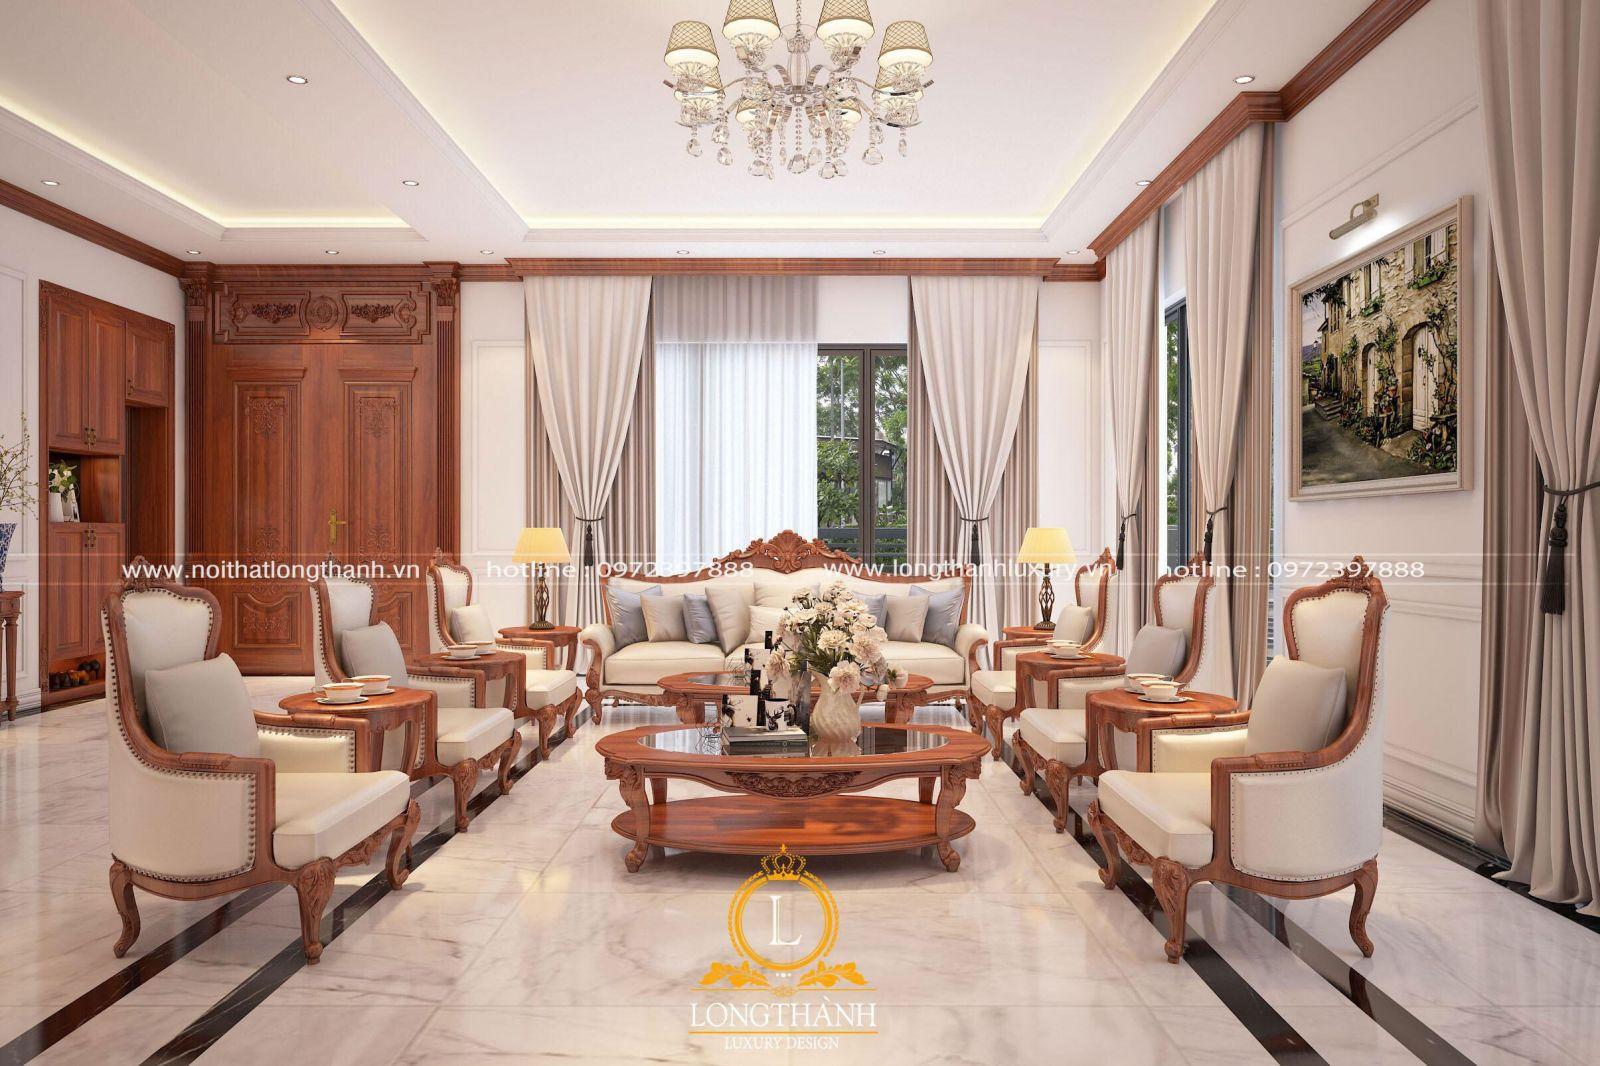 Đồ nội thất được thiết kế nhẹ nhàng, đơn giản cho không gian chưng cư